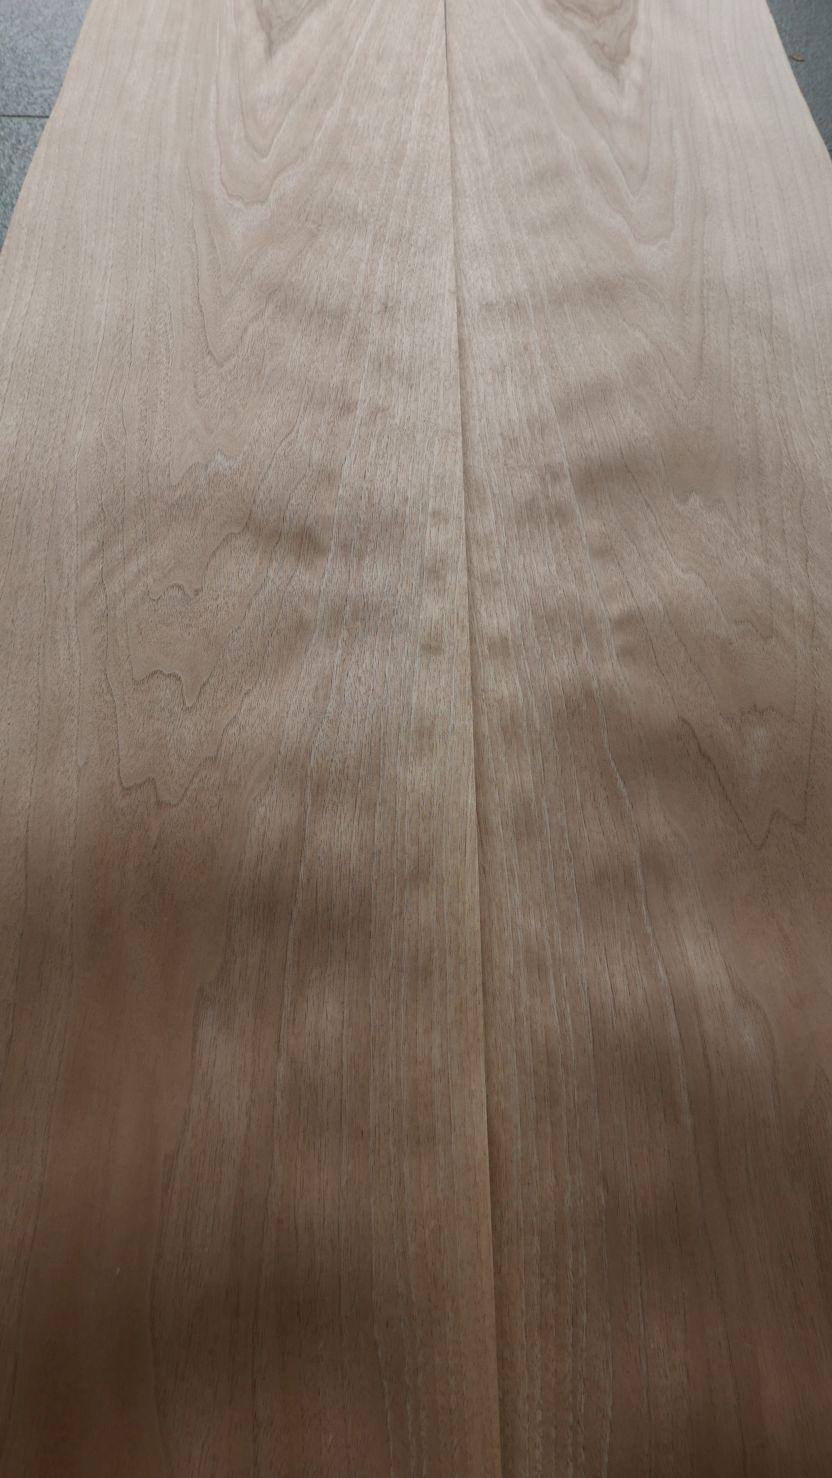 A0250-4 Europees Noten Blond 38,5-39,5x243cm 24st